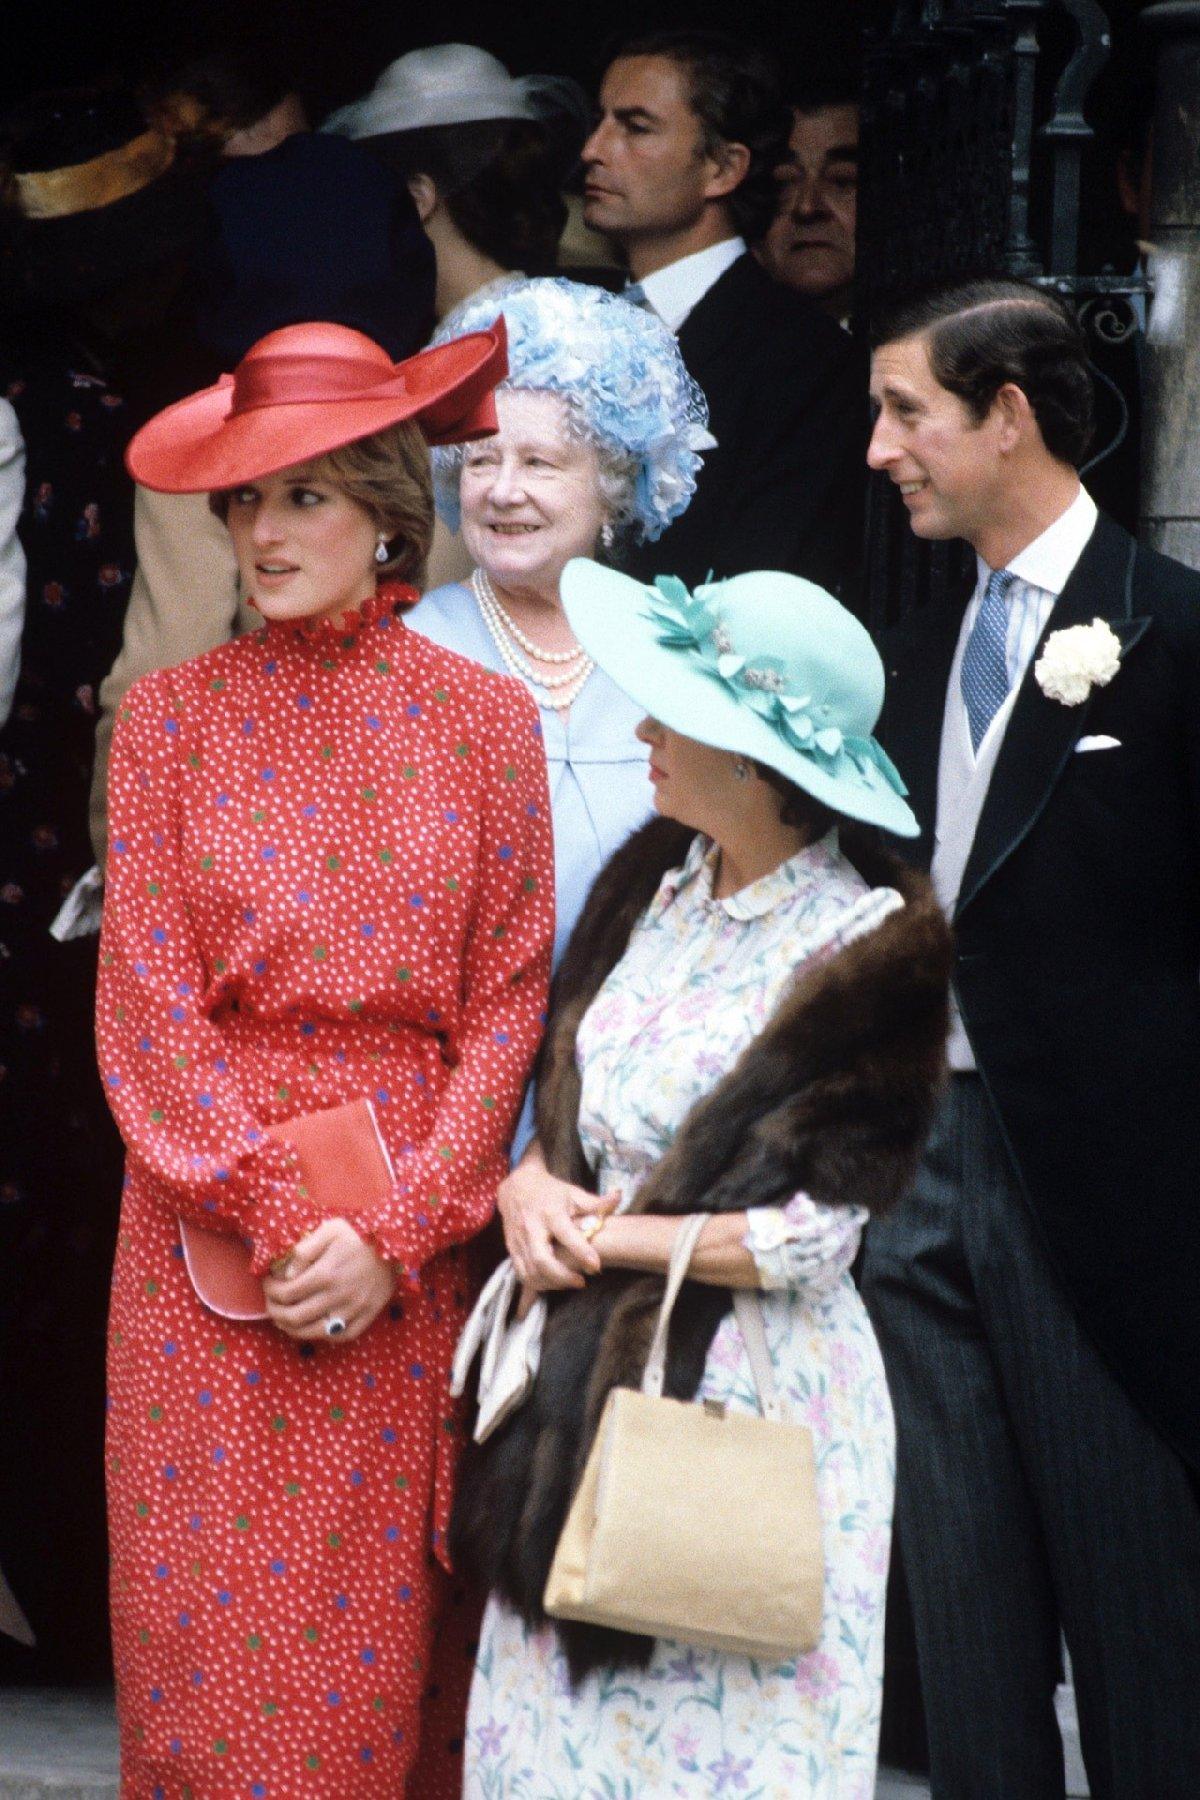 Prens Charles, Diana ile nişanlıyken, şimdiki eşi Camilia ile aldatmış...